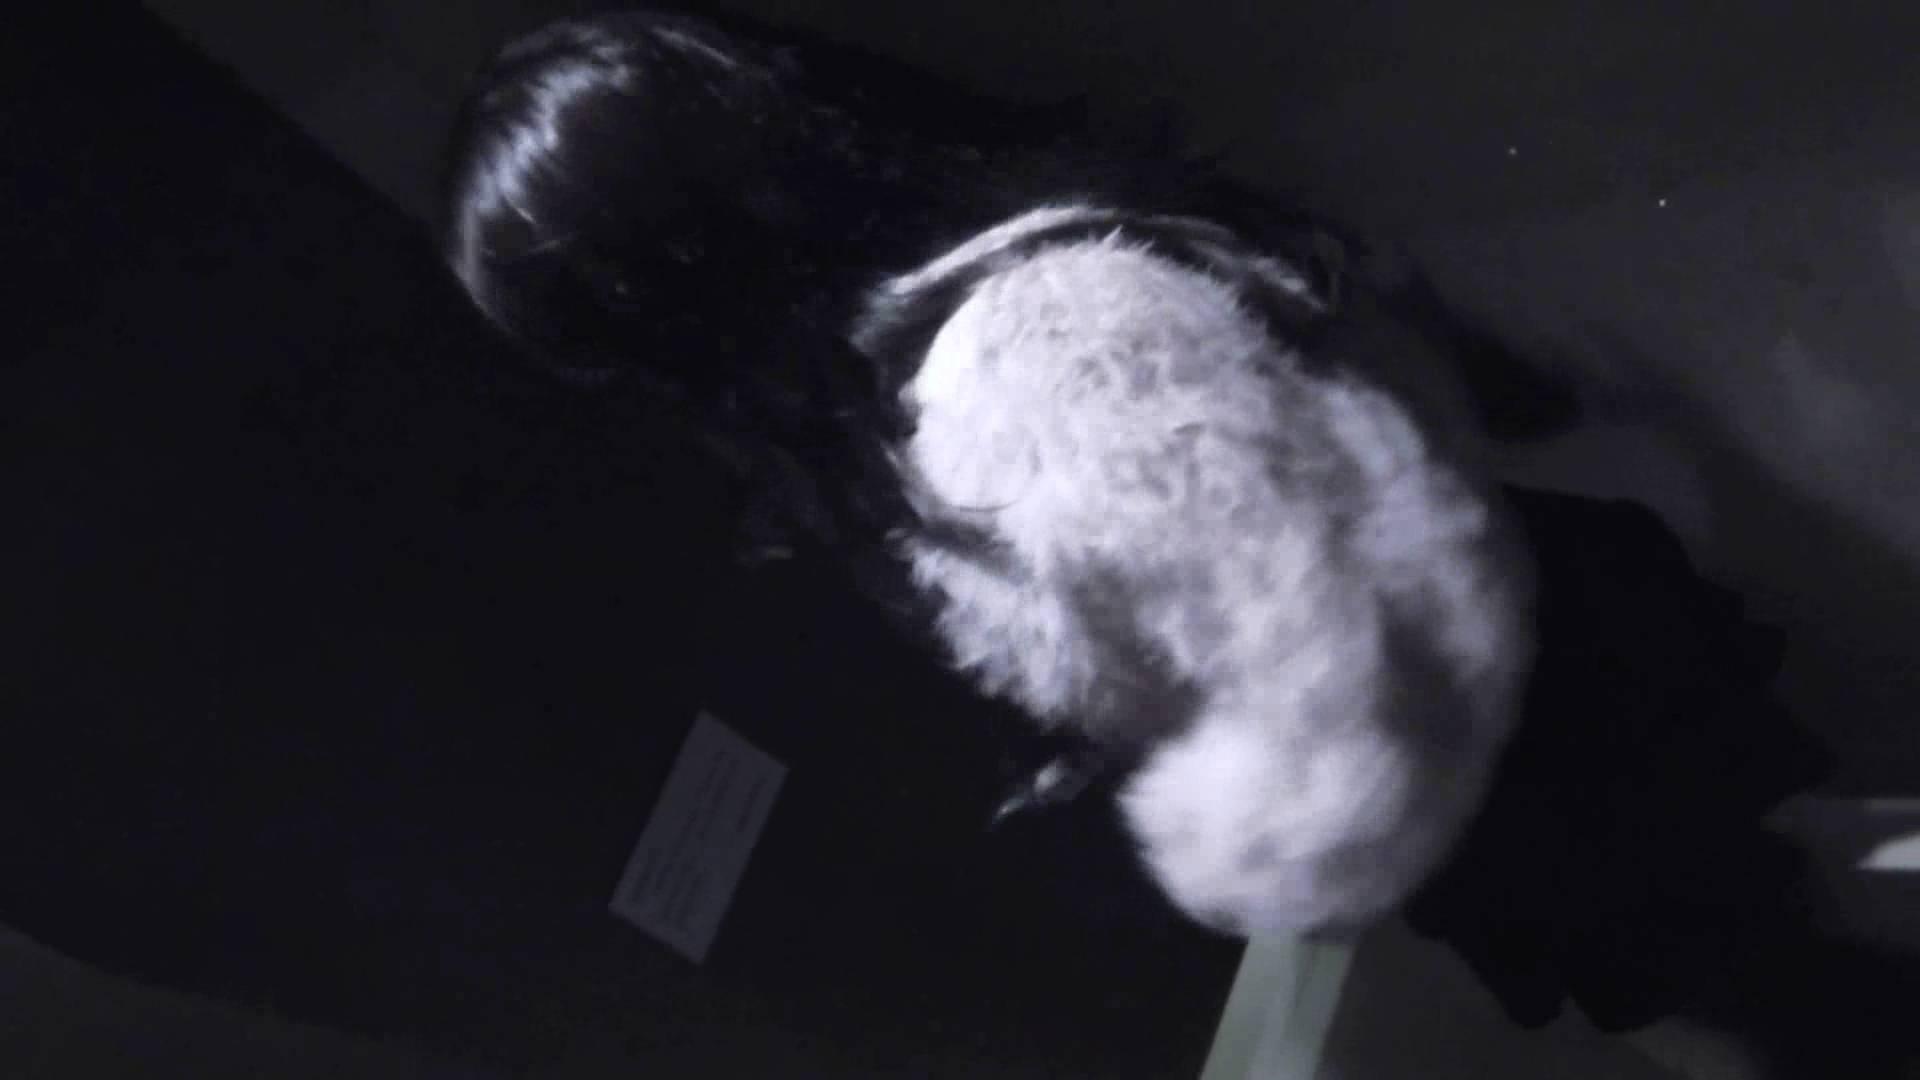 世界の射窓から vol.35 女厕偷拍, 美罗城 南宁国贸 ギャル・コレクション   OL  74連発